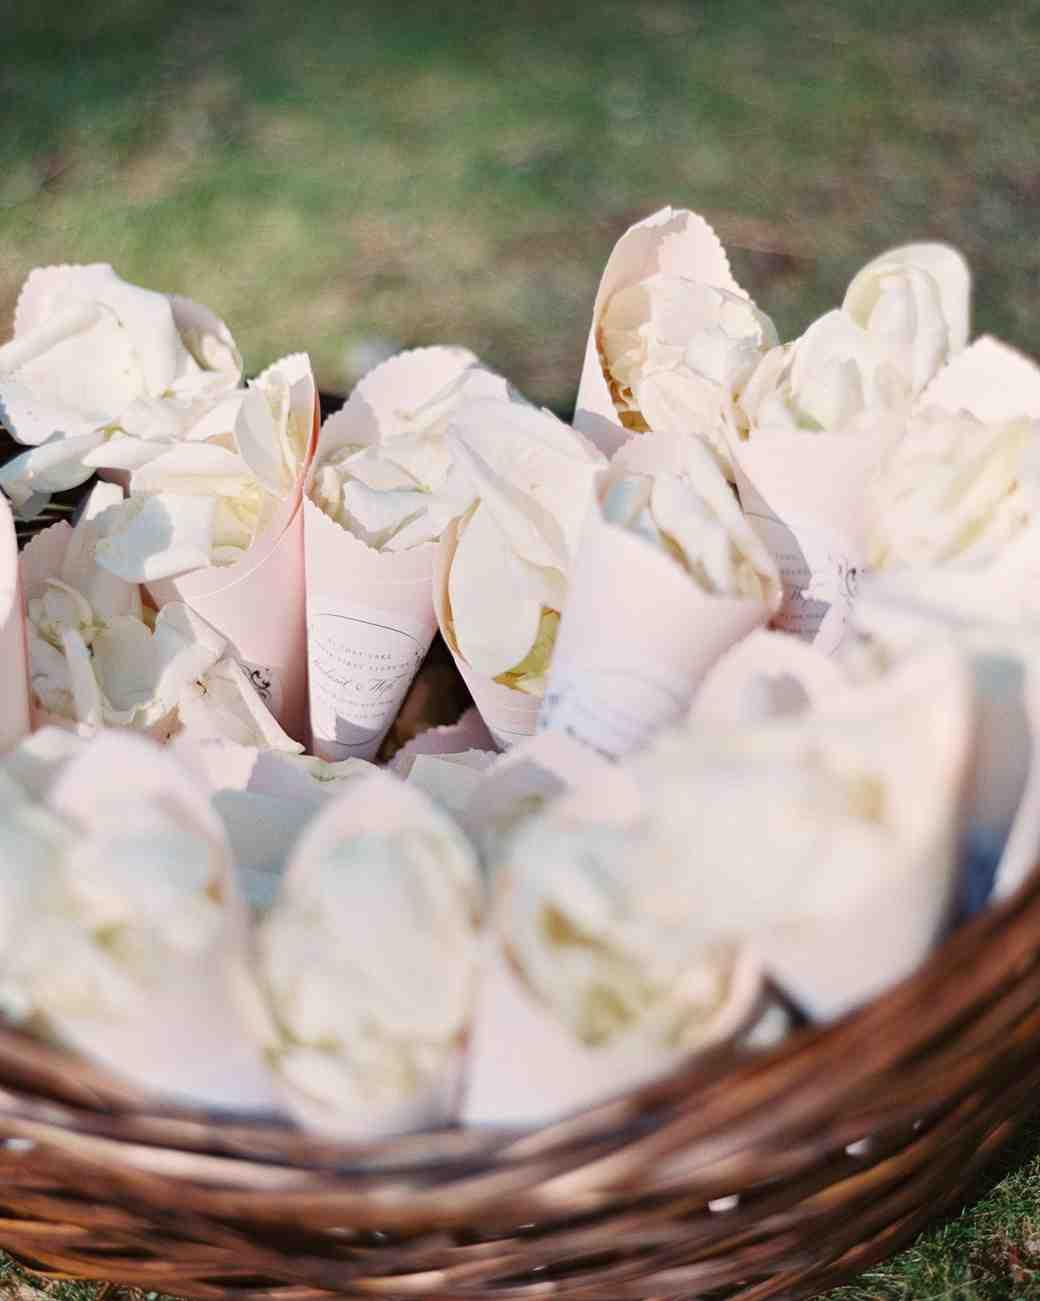 Wedding Flower Petal Bar, Cones with Petals